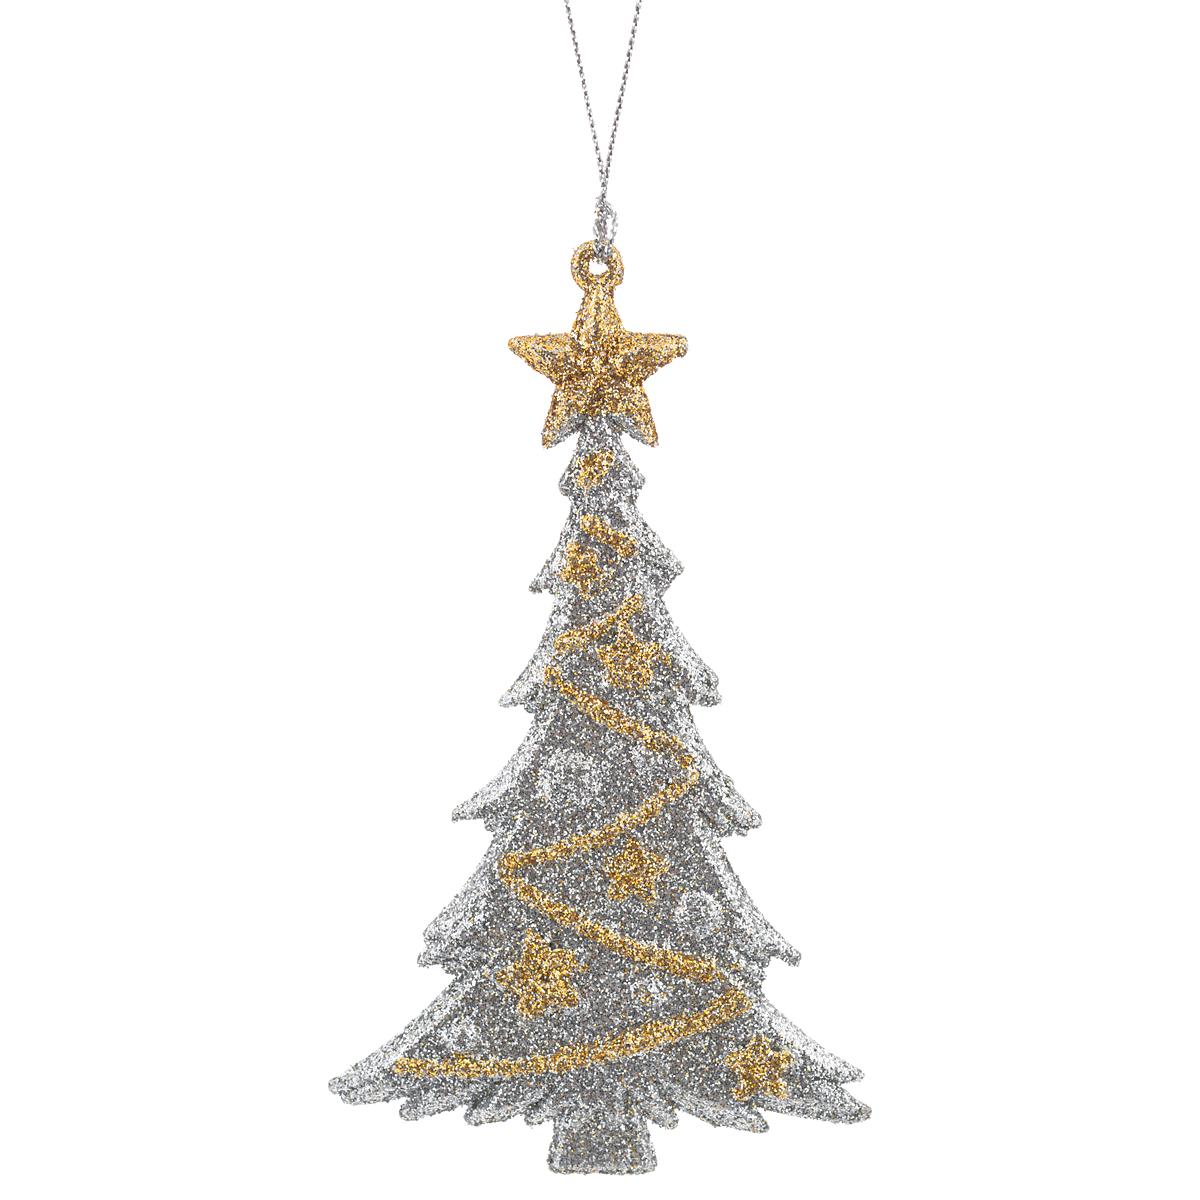 Новогоднее подвесное украшение Елка, цвет: серебристый, золотистый. 3497534975Новогоднее украшение Елка отлично подойдет для декорации вашего дома и новогодней ели. Игрушка выполнена из пластика в виде узорной новогодней елочки. Украшение декорировано блестками и оснащено специальной текстильной петелькой для подвешивания. Елочная игрушка - символ Нового года. Она несет в себе волшебство и красоту праздника. Создайте в своем доме атмосферу веселья и радости, украшая всей семьей новогоднюю елку нарядными игрушками, которые будут из года в год накапливать теплоту воспоминаний.